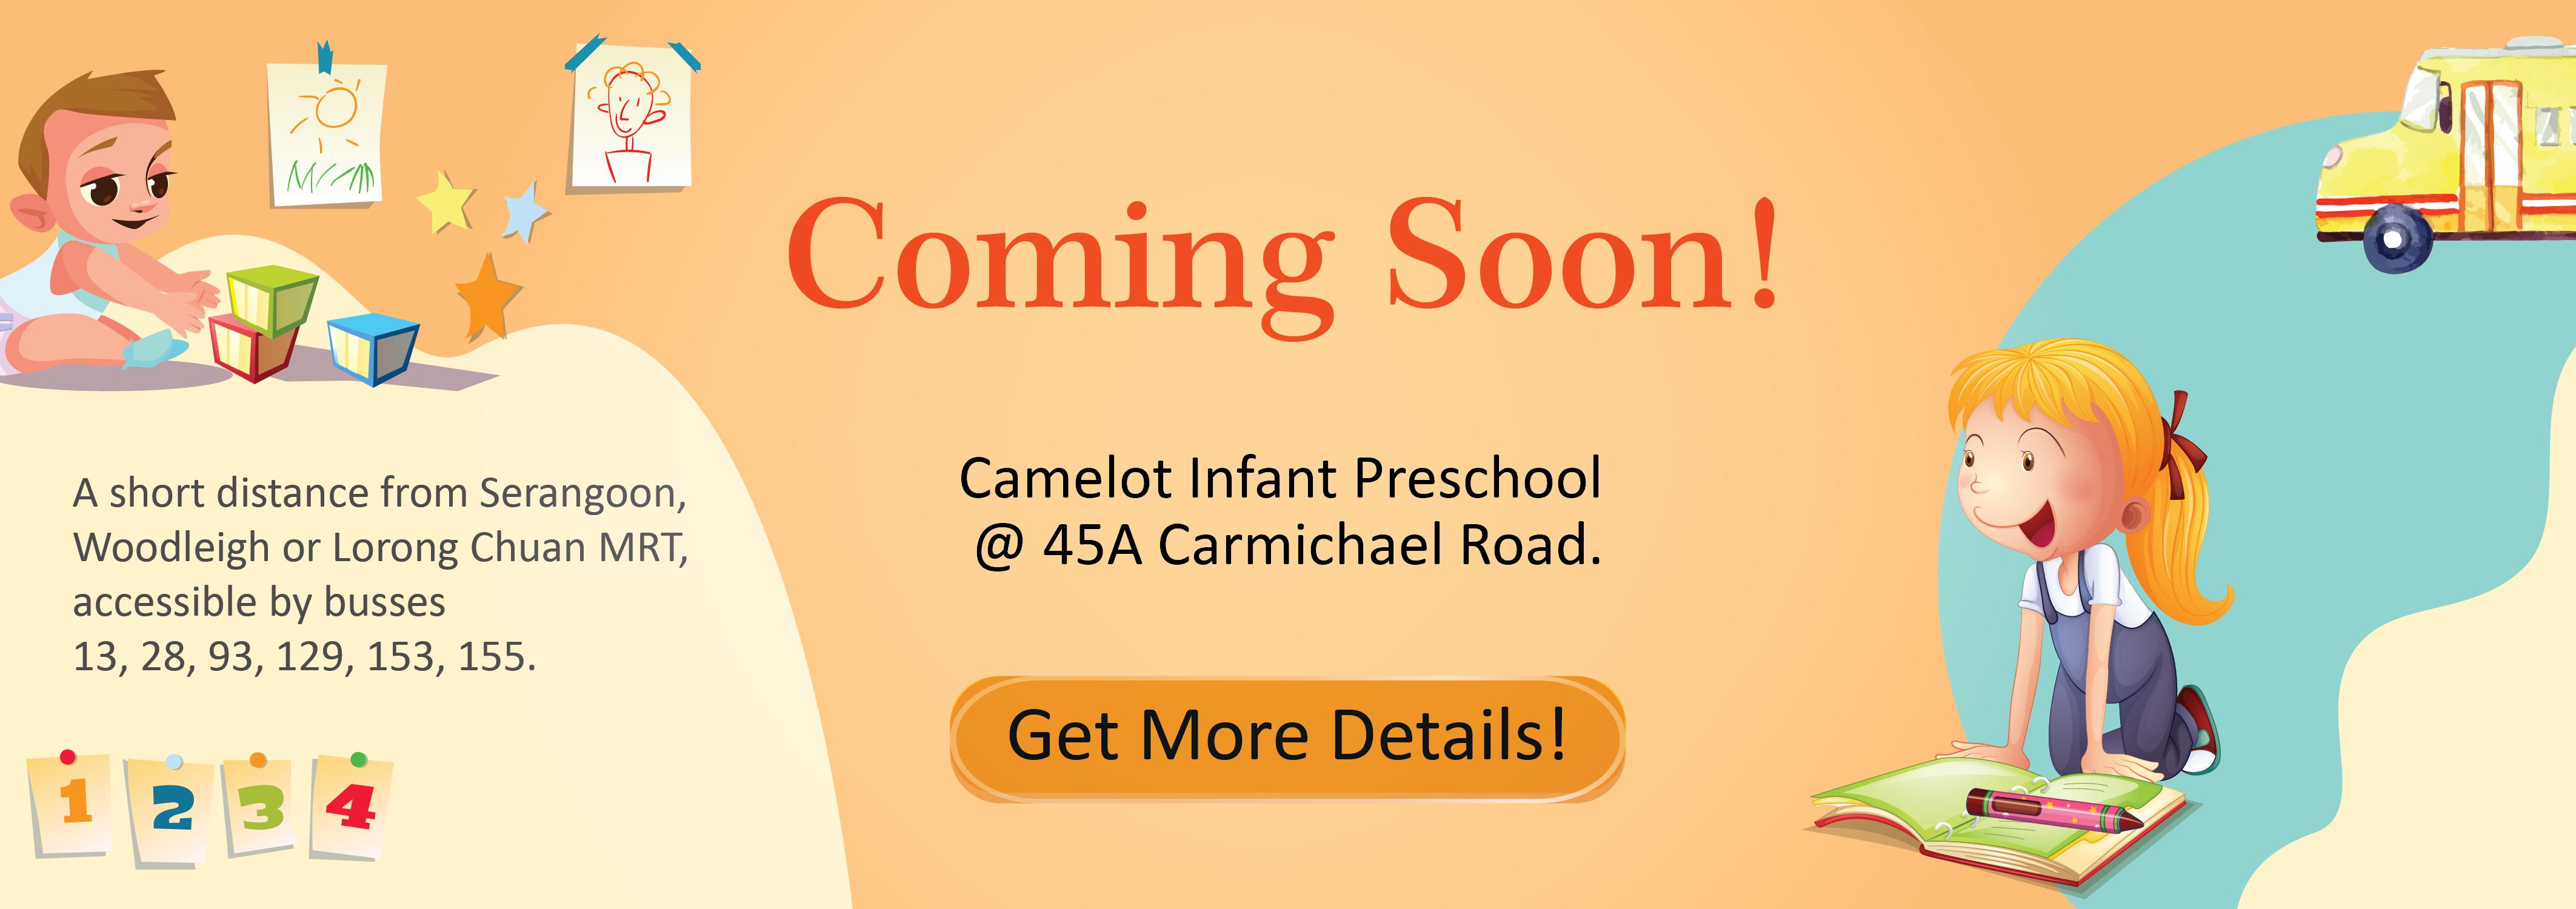 Camelot Infant Preschool Coming Soon!